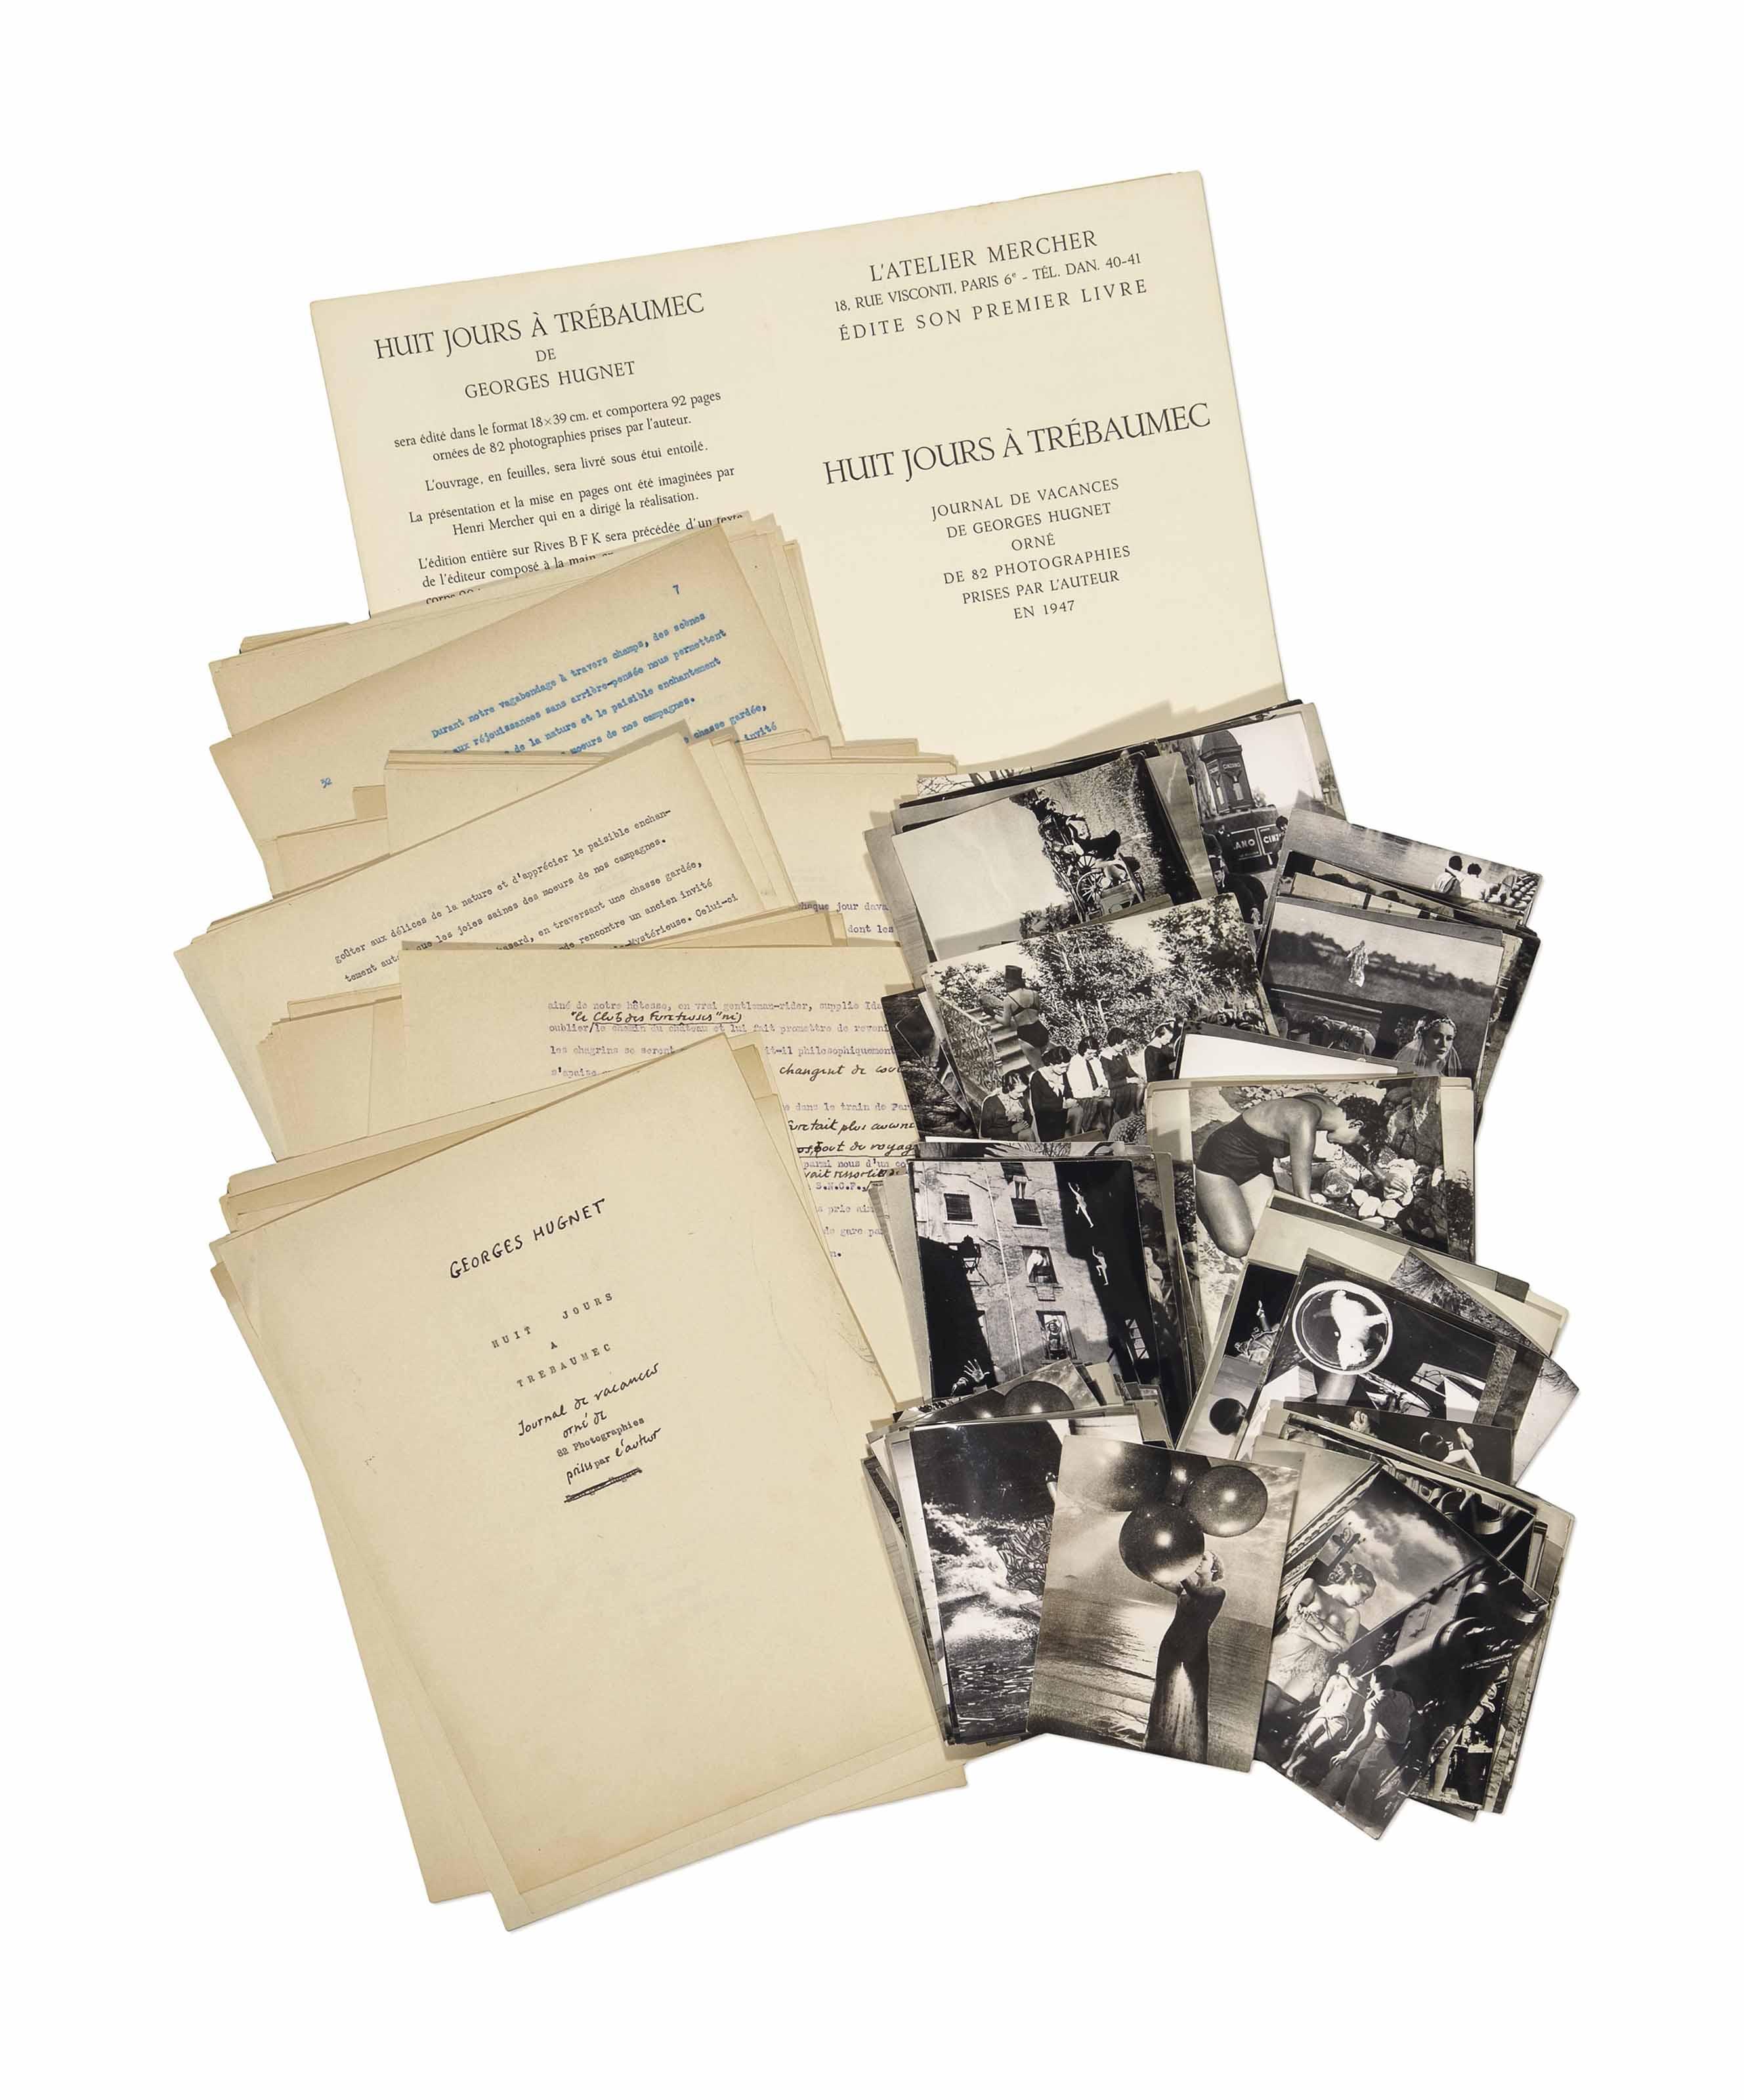 Georges Hugnet (1906-1974). Huit jours à Trébaumec. Journal de vacances orné de 82 photographies prises par l'auteur. [Circa 1969]. Importante réunion de tapuscrits corrigés et de photographies originales préparatoires et négatifs originaux (plus de 100 feuillets et 163 photographies).